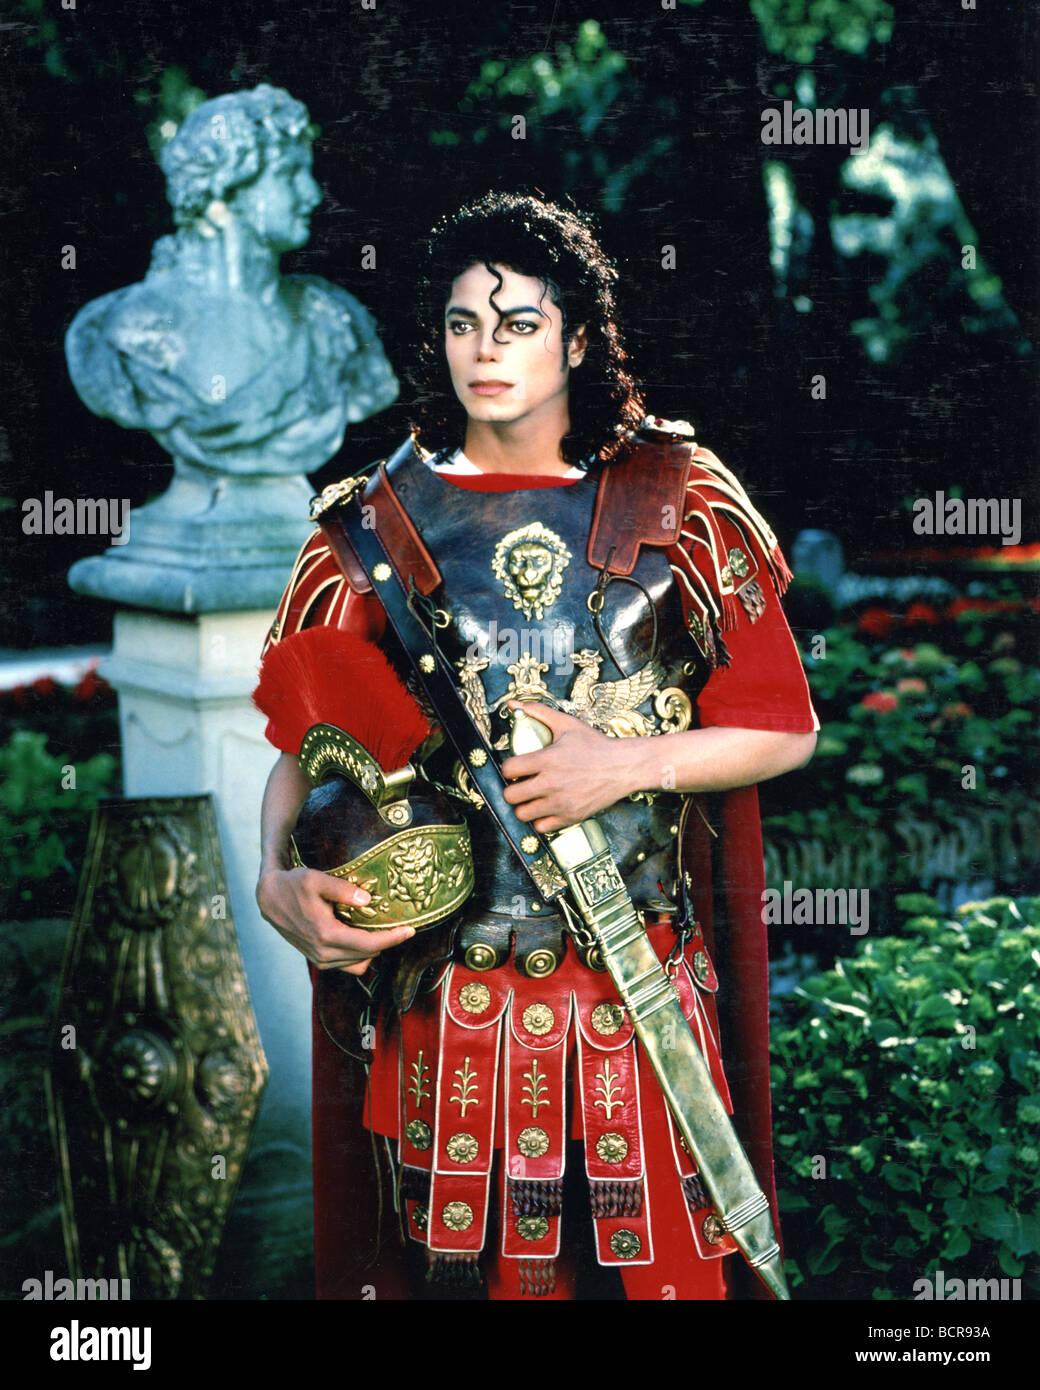 MICHAEL JACKSON comme un soldat romain à propos de 1983 Photo Stock